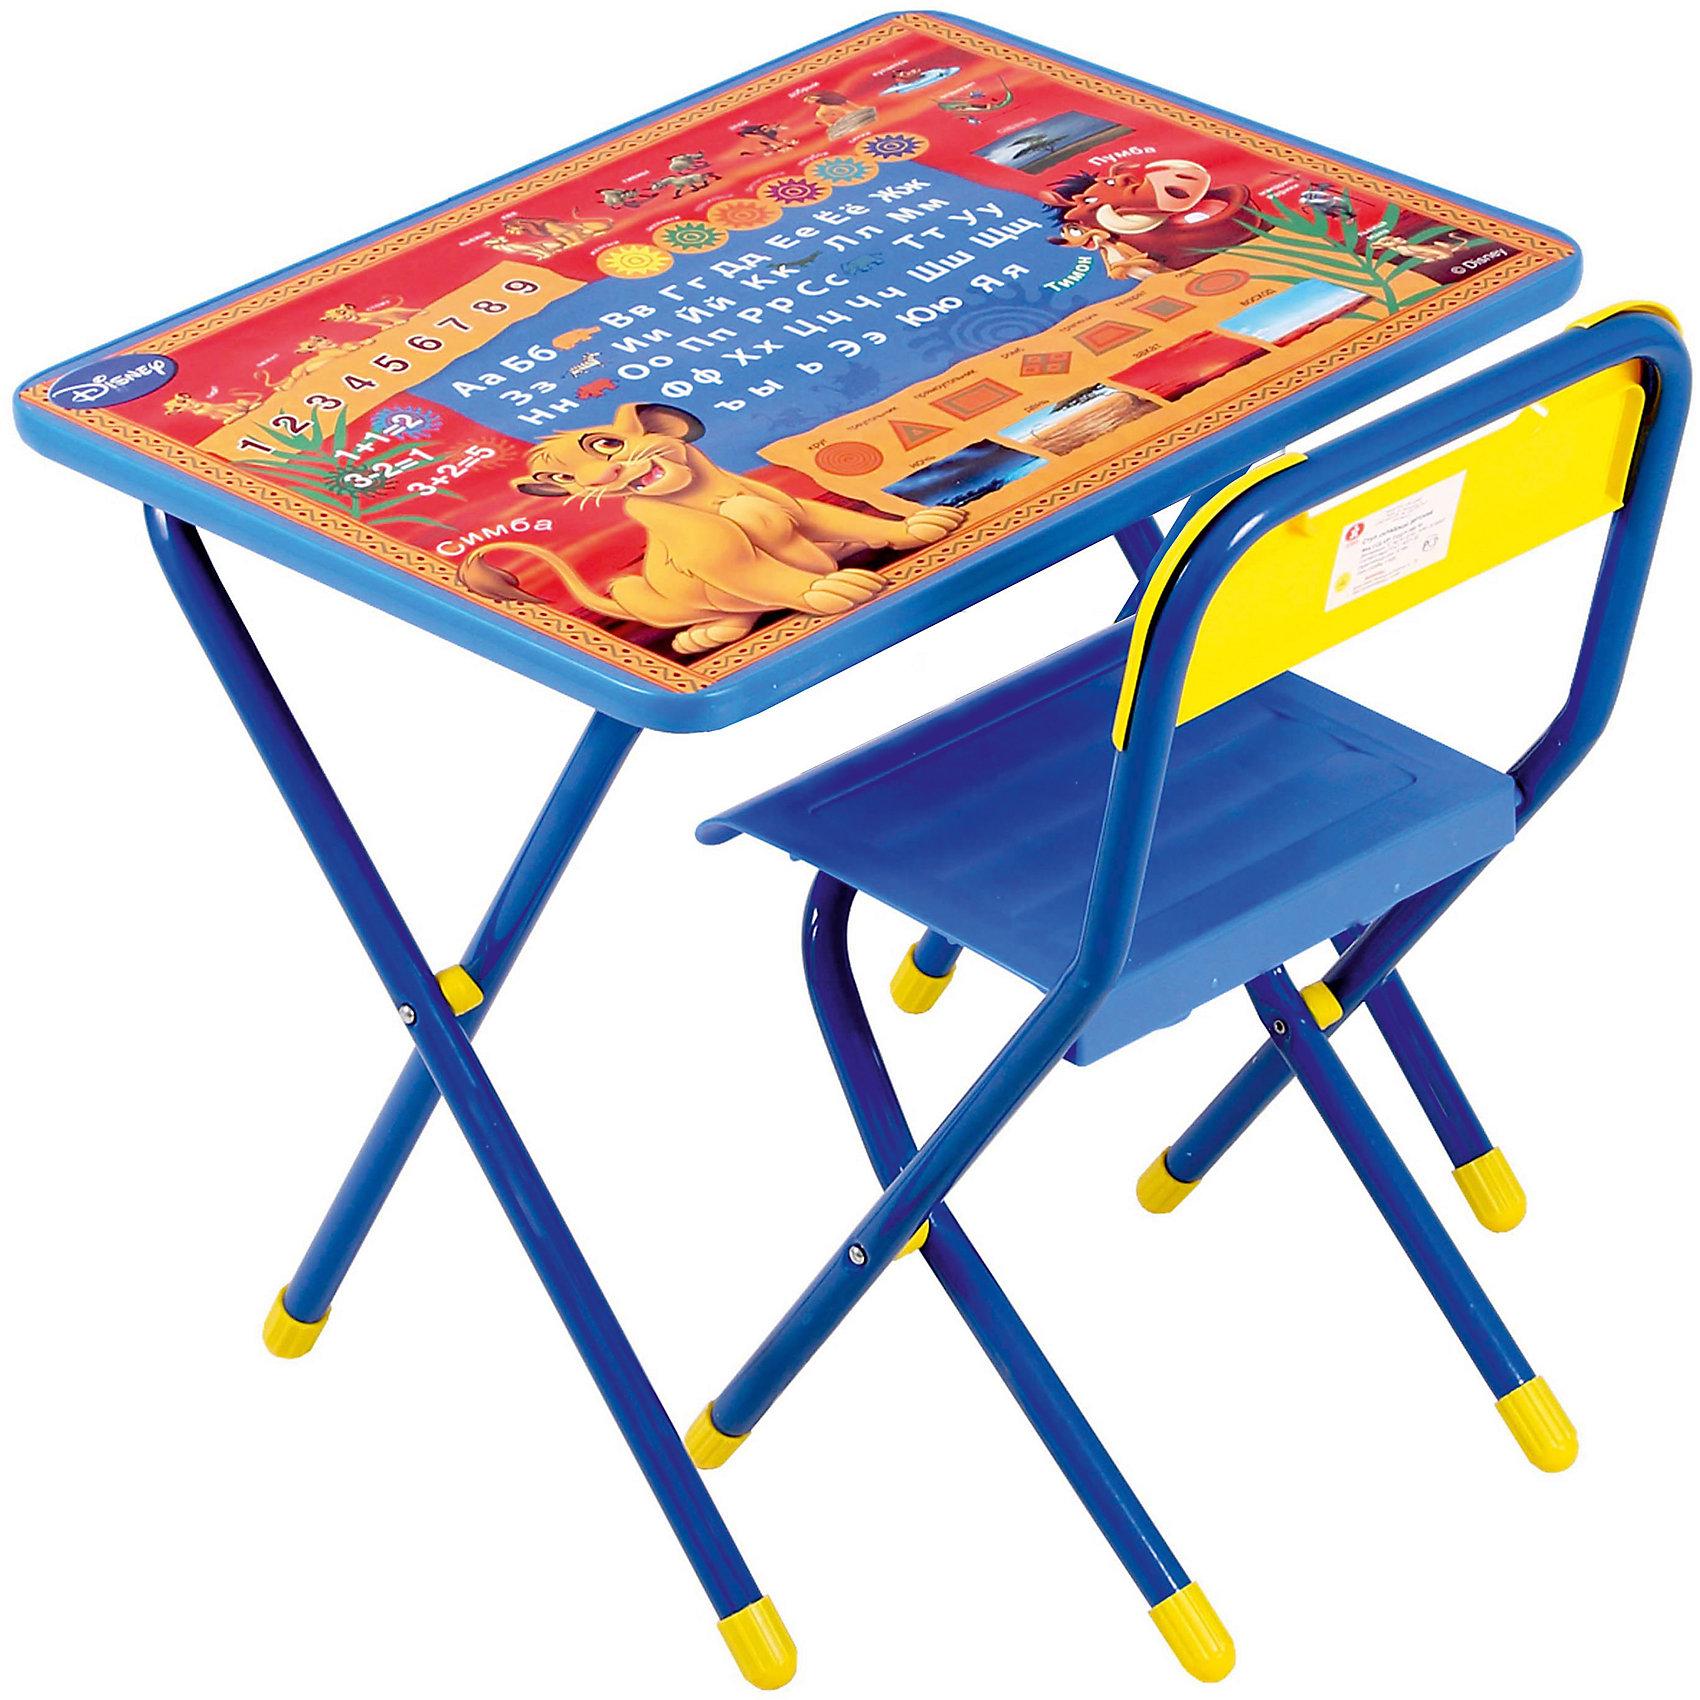 Набор мебели Тимон и Пумба (2-5 лет), Король Лев, синийМебель<br>Набор состоит из стола и стульчика, и идеально подходит для организации детских игр и занятий, как в дошкольных учреждениях, так и для домашнего использования. <br>Поверхность столешницы ламинированная, ее легко мыть и чистить. На столешницу нанесен яркий, красивый обучающий рисунок, позволяющий Вашему ребенку познакомиться с миром букв и цифр. После занятий при необходимости его можно сложить и убрать, что позволяет использовать его даже в малогабаритных помещениях.<br><br>Дополнительная информация:<br>В набор входит боковой пенал (пластмасса).<br>Размеры столешницы - 450Х600 мм.<br>Высота до плоскости столешницы - 460 мм.<br>Высота по сиденью - 260 мм.<br>Высота верхнего края спинки - 240 мм. <br>Допустимая нагрузка на сиденье - не более 30 кг.<br><br>Набор детской мебели Тимон и Пумба, Король Лев можно купить в нашем магазине.<br><br>Ширина мм: 740<br>Глубина мм: 640<br>Высота мм: 150<br>Вес г: 8000<br>Возраст от месяцев: 24<br>Возраст до месяцев: 60<br>Пол: Унисекс<br>Возраст: Детский<br>SKU: 3808410